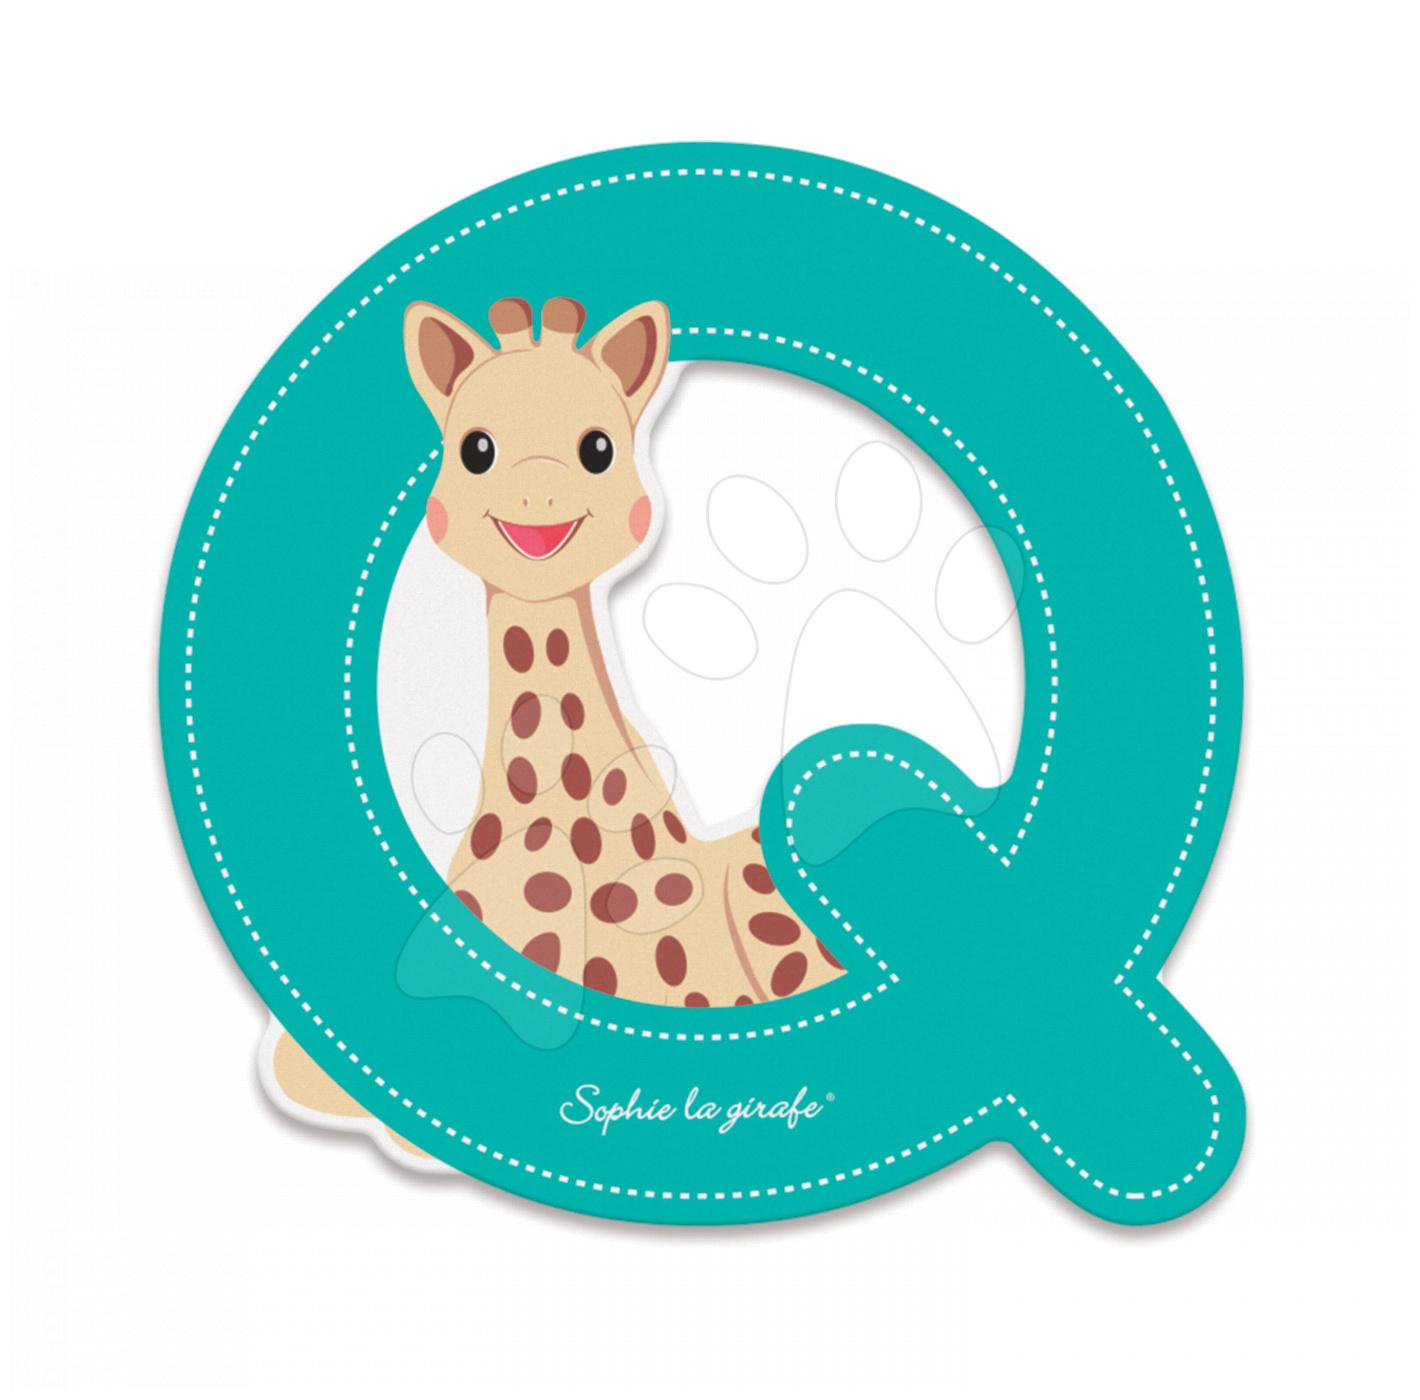 Dekorácie do detských izieb - Drevené písmeno Q Sophie The Giraffe Janod lepiace 7 cm tyrkysové od 3 rokov